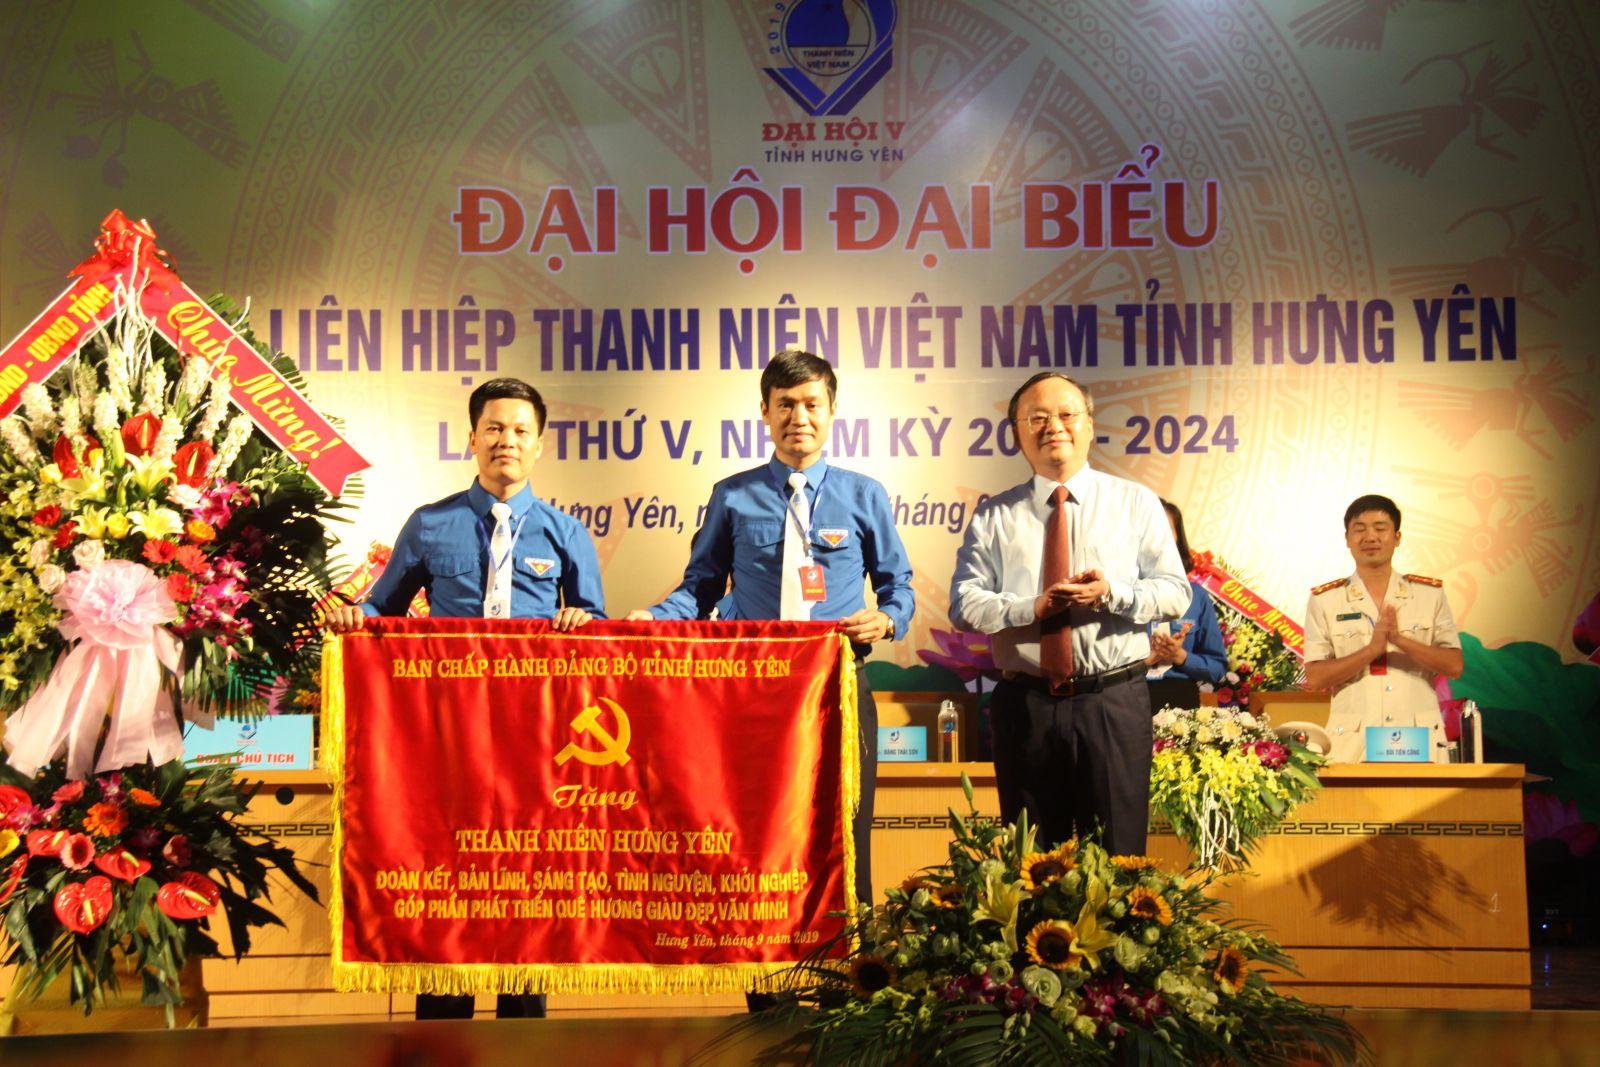 Đại Hội Hội Liên hiệp Thanh niên Việt Nam tỉnh Hưng Yên, lần thứ V, nhiệm kỳ 2019 – 2024